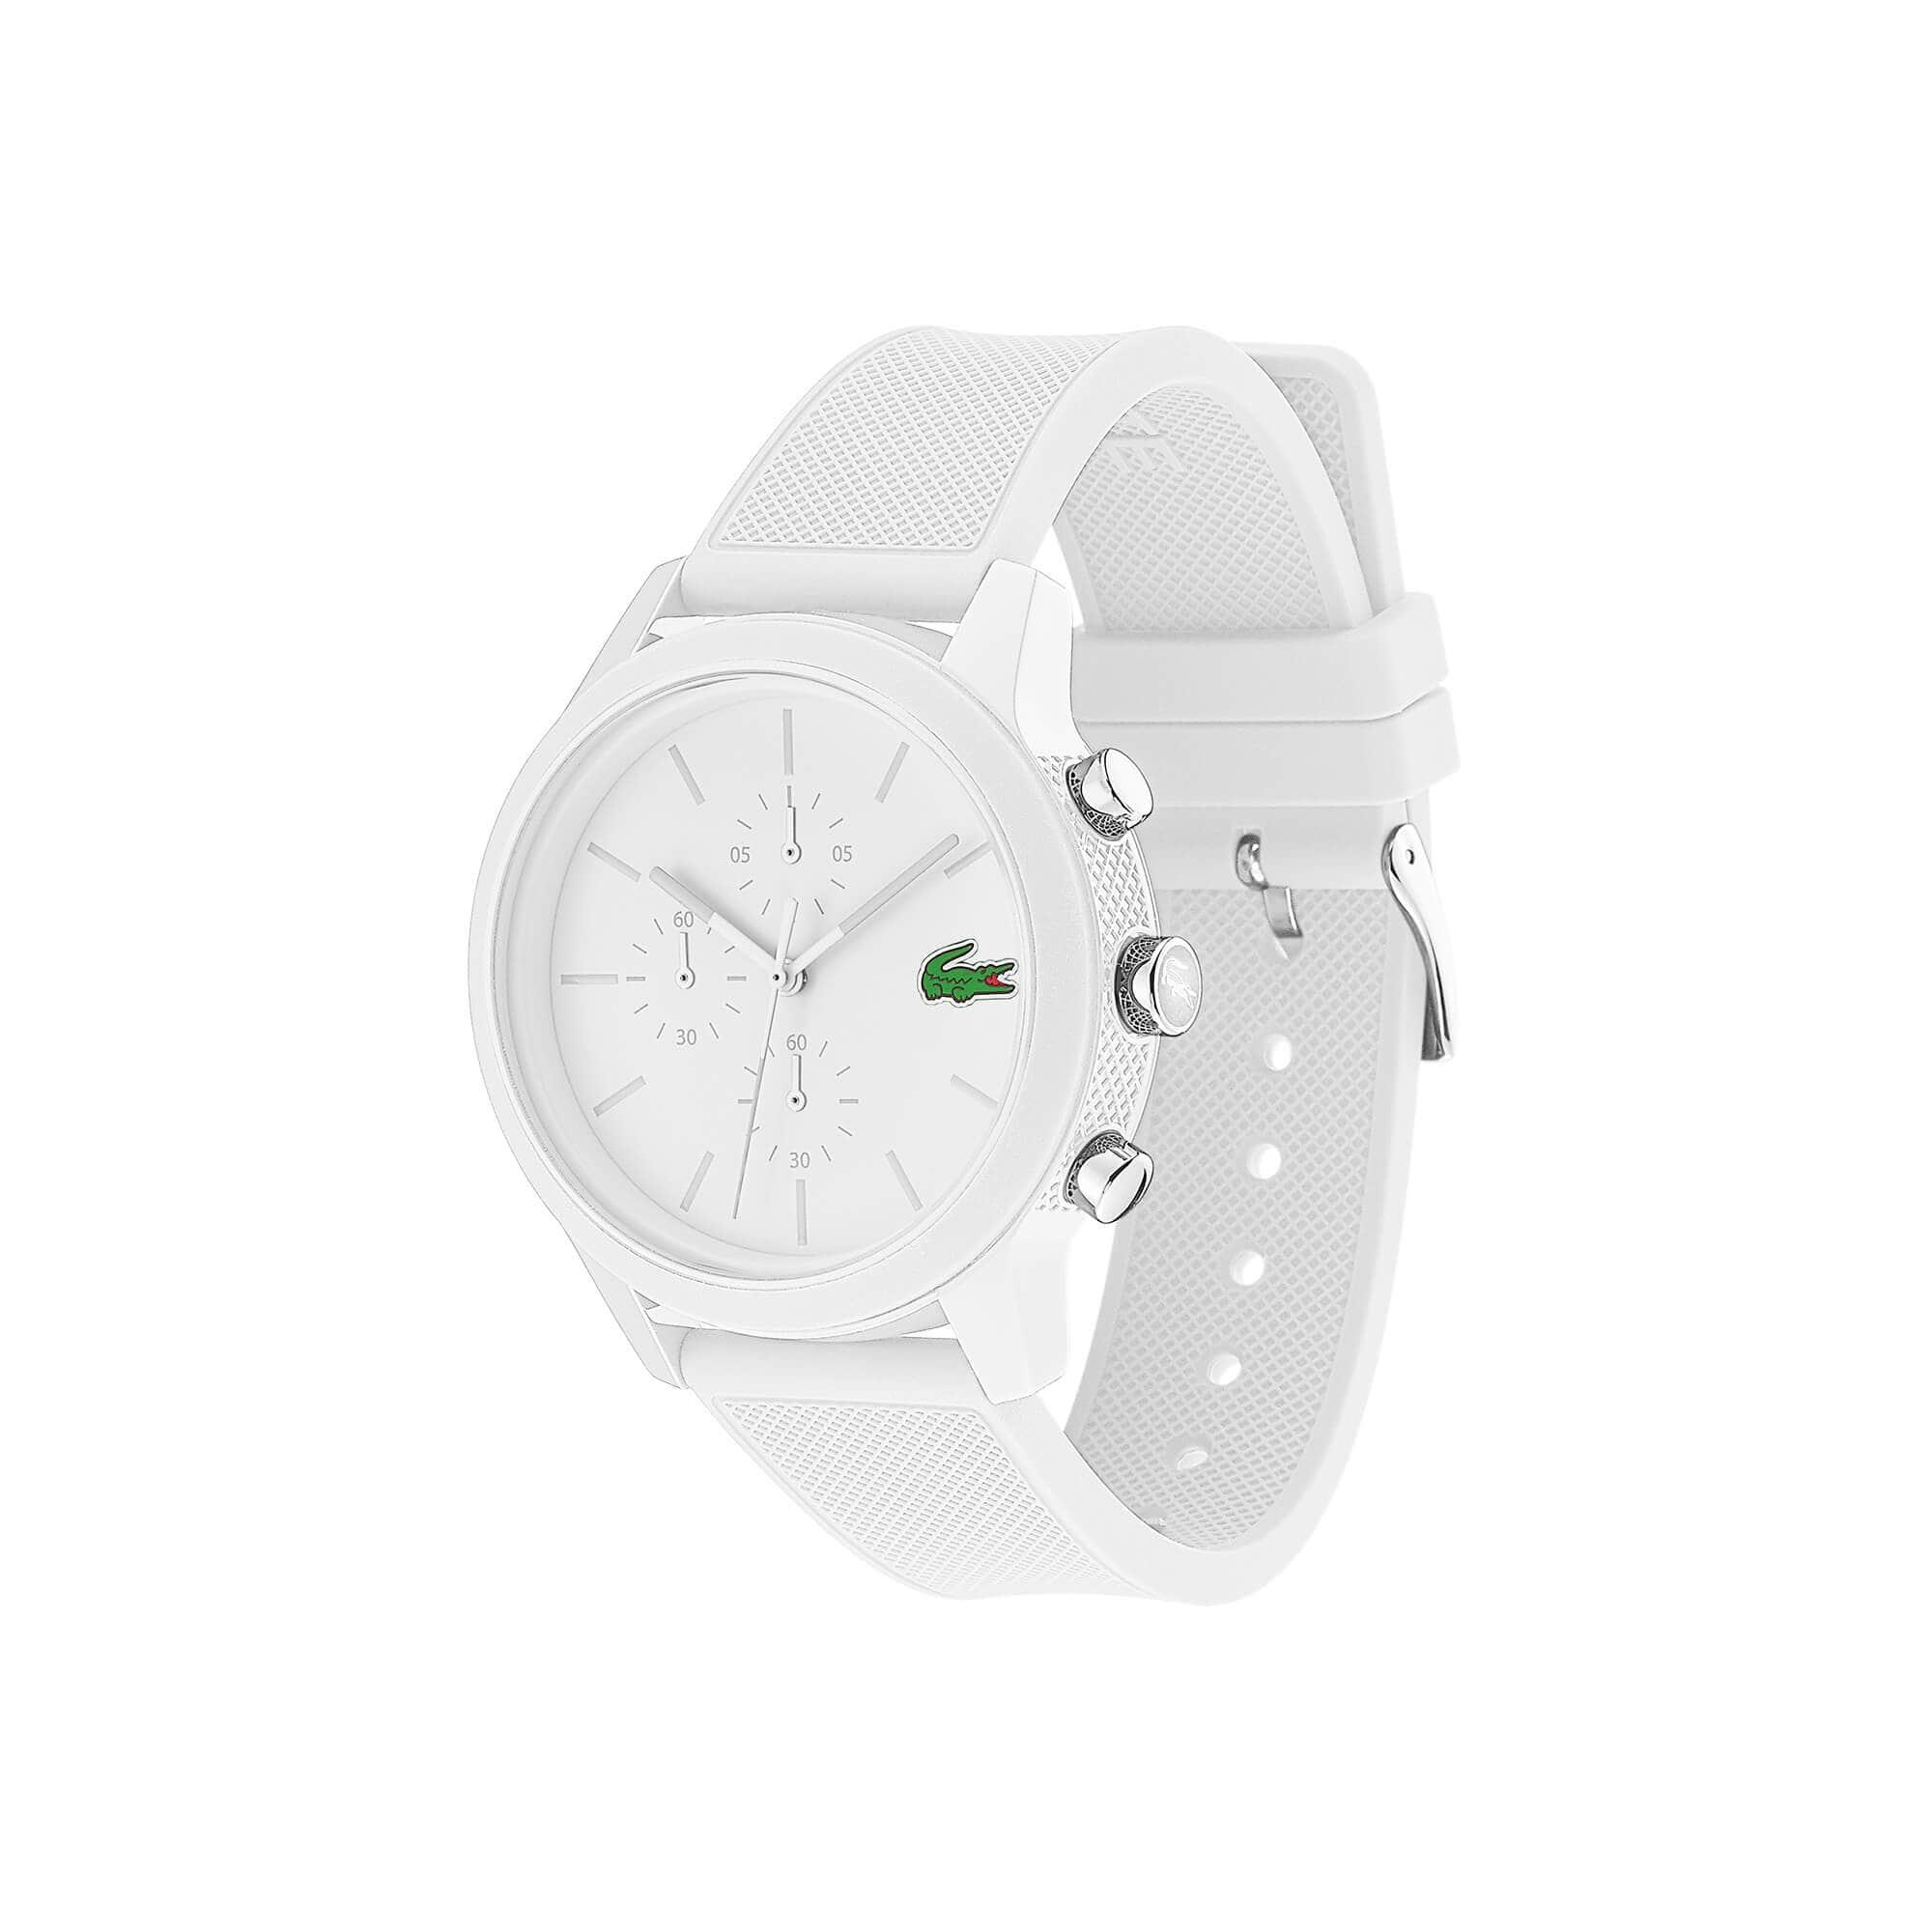 Relógio cronógrafo Lacoste 12.12 de homem com bracelete de silicone branca